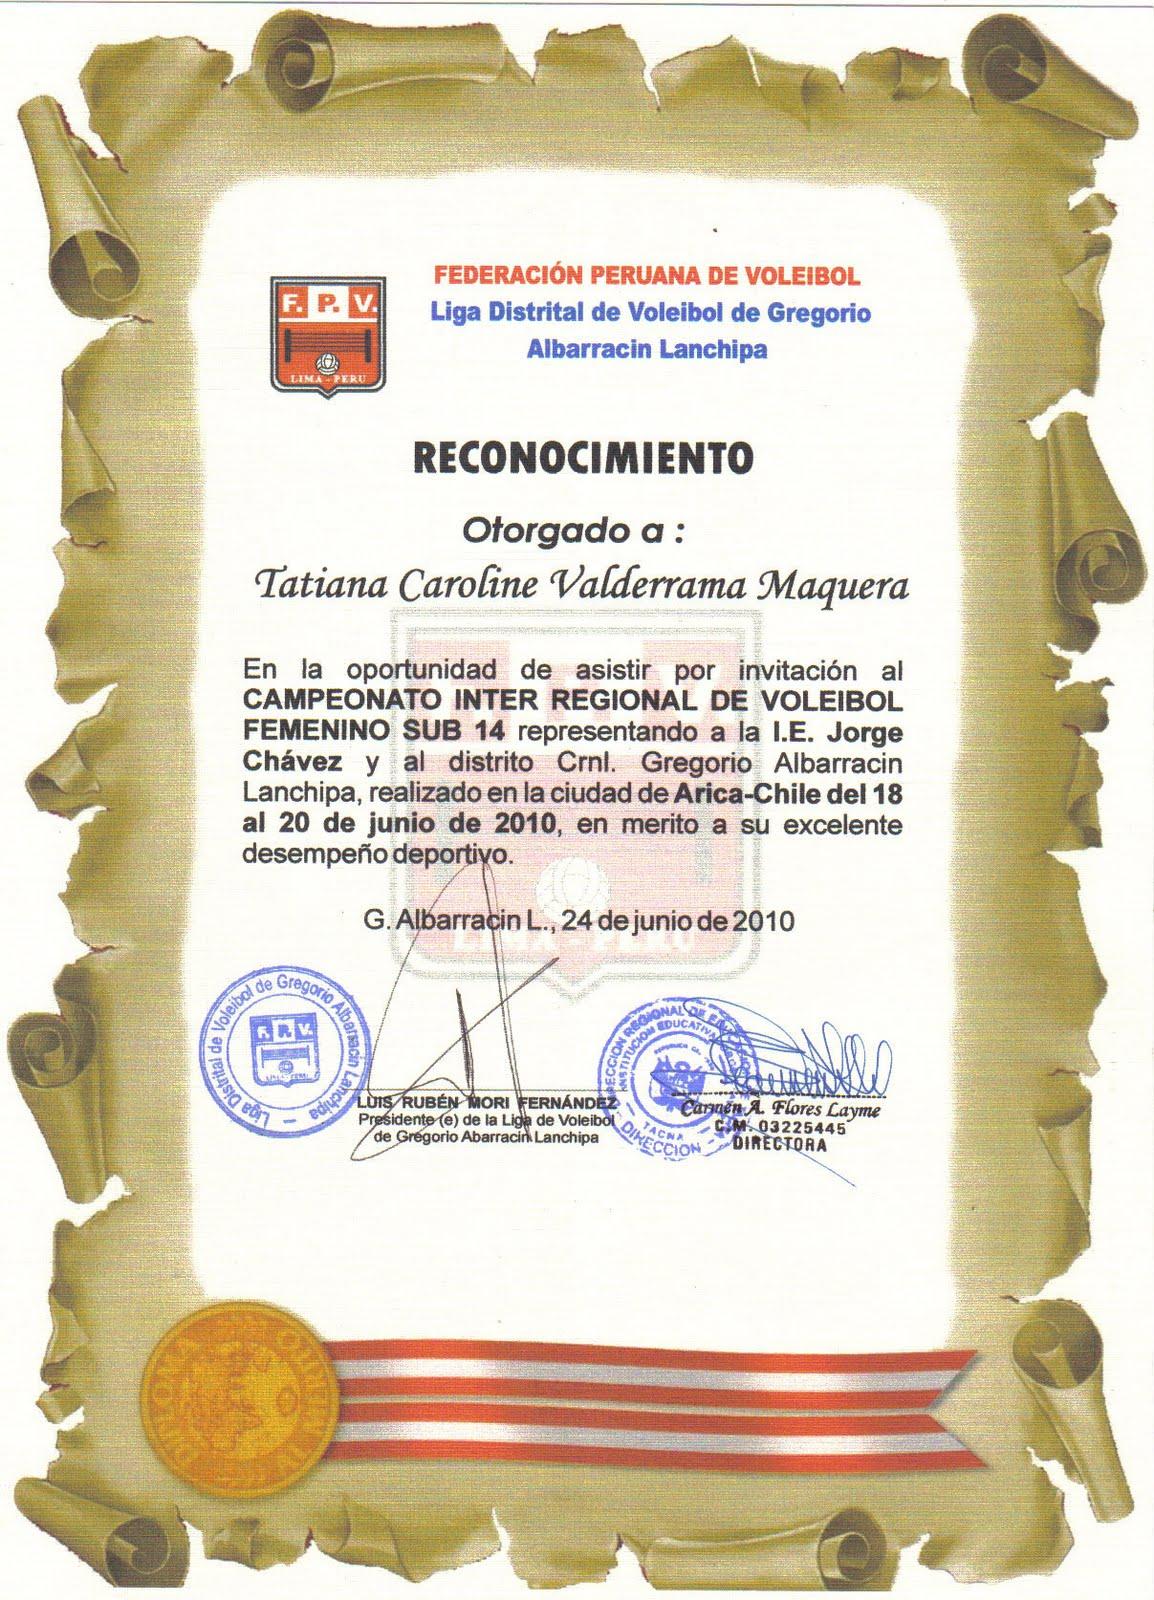 LIGA DE VOLEIBOL DE ALBARRACIN